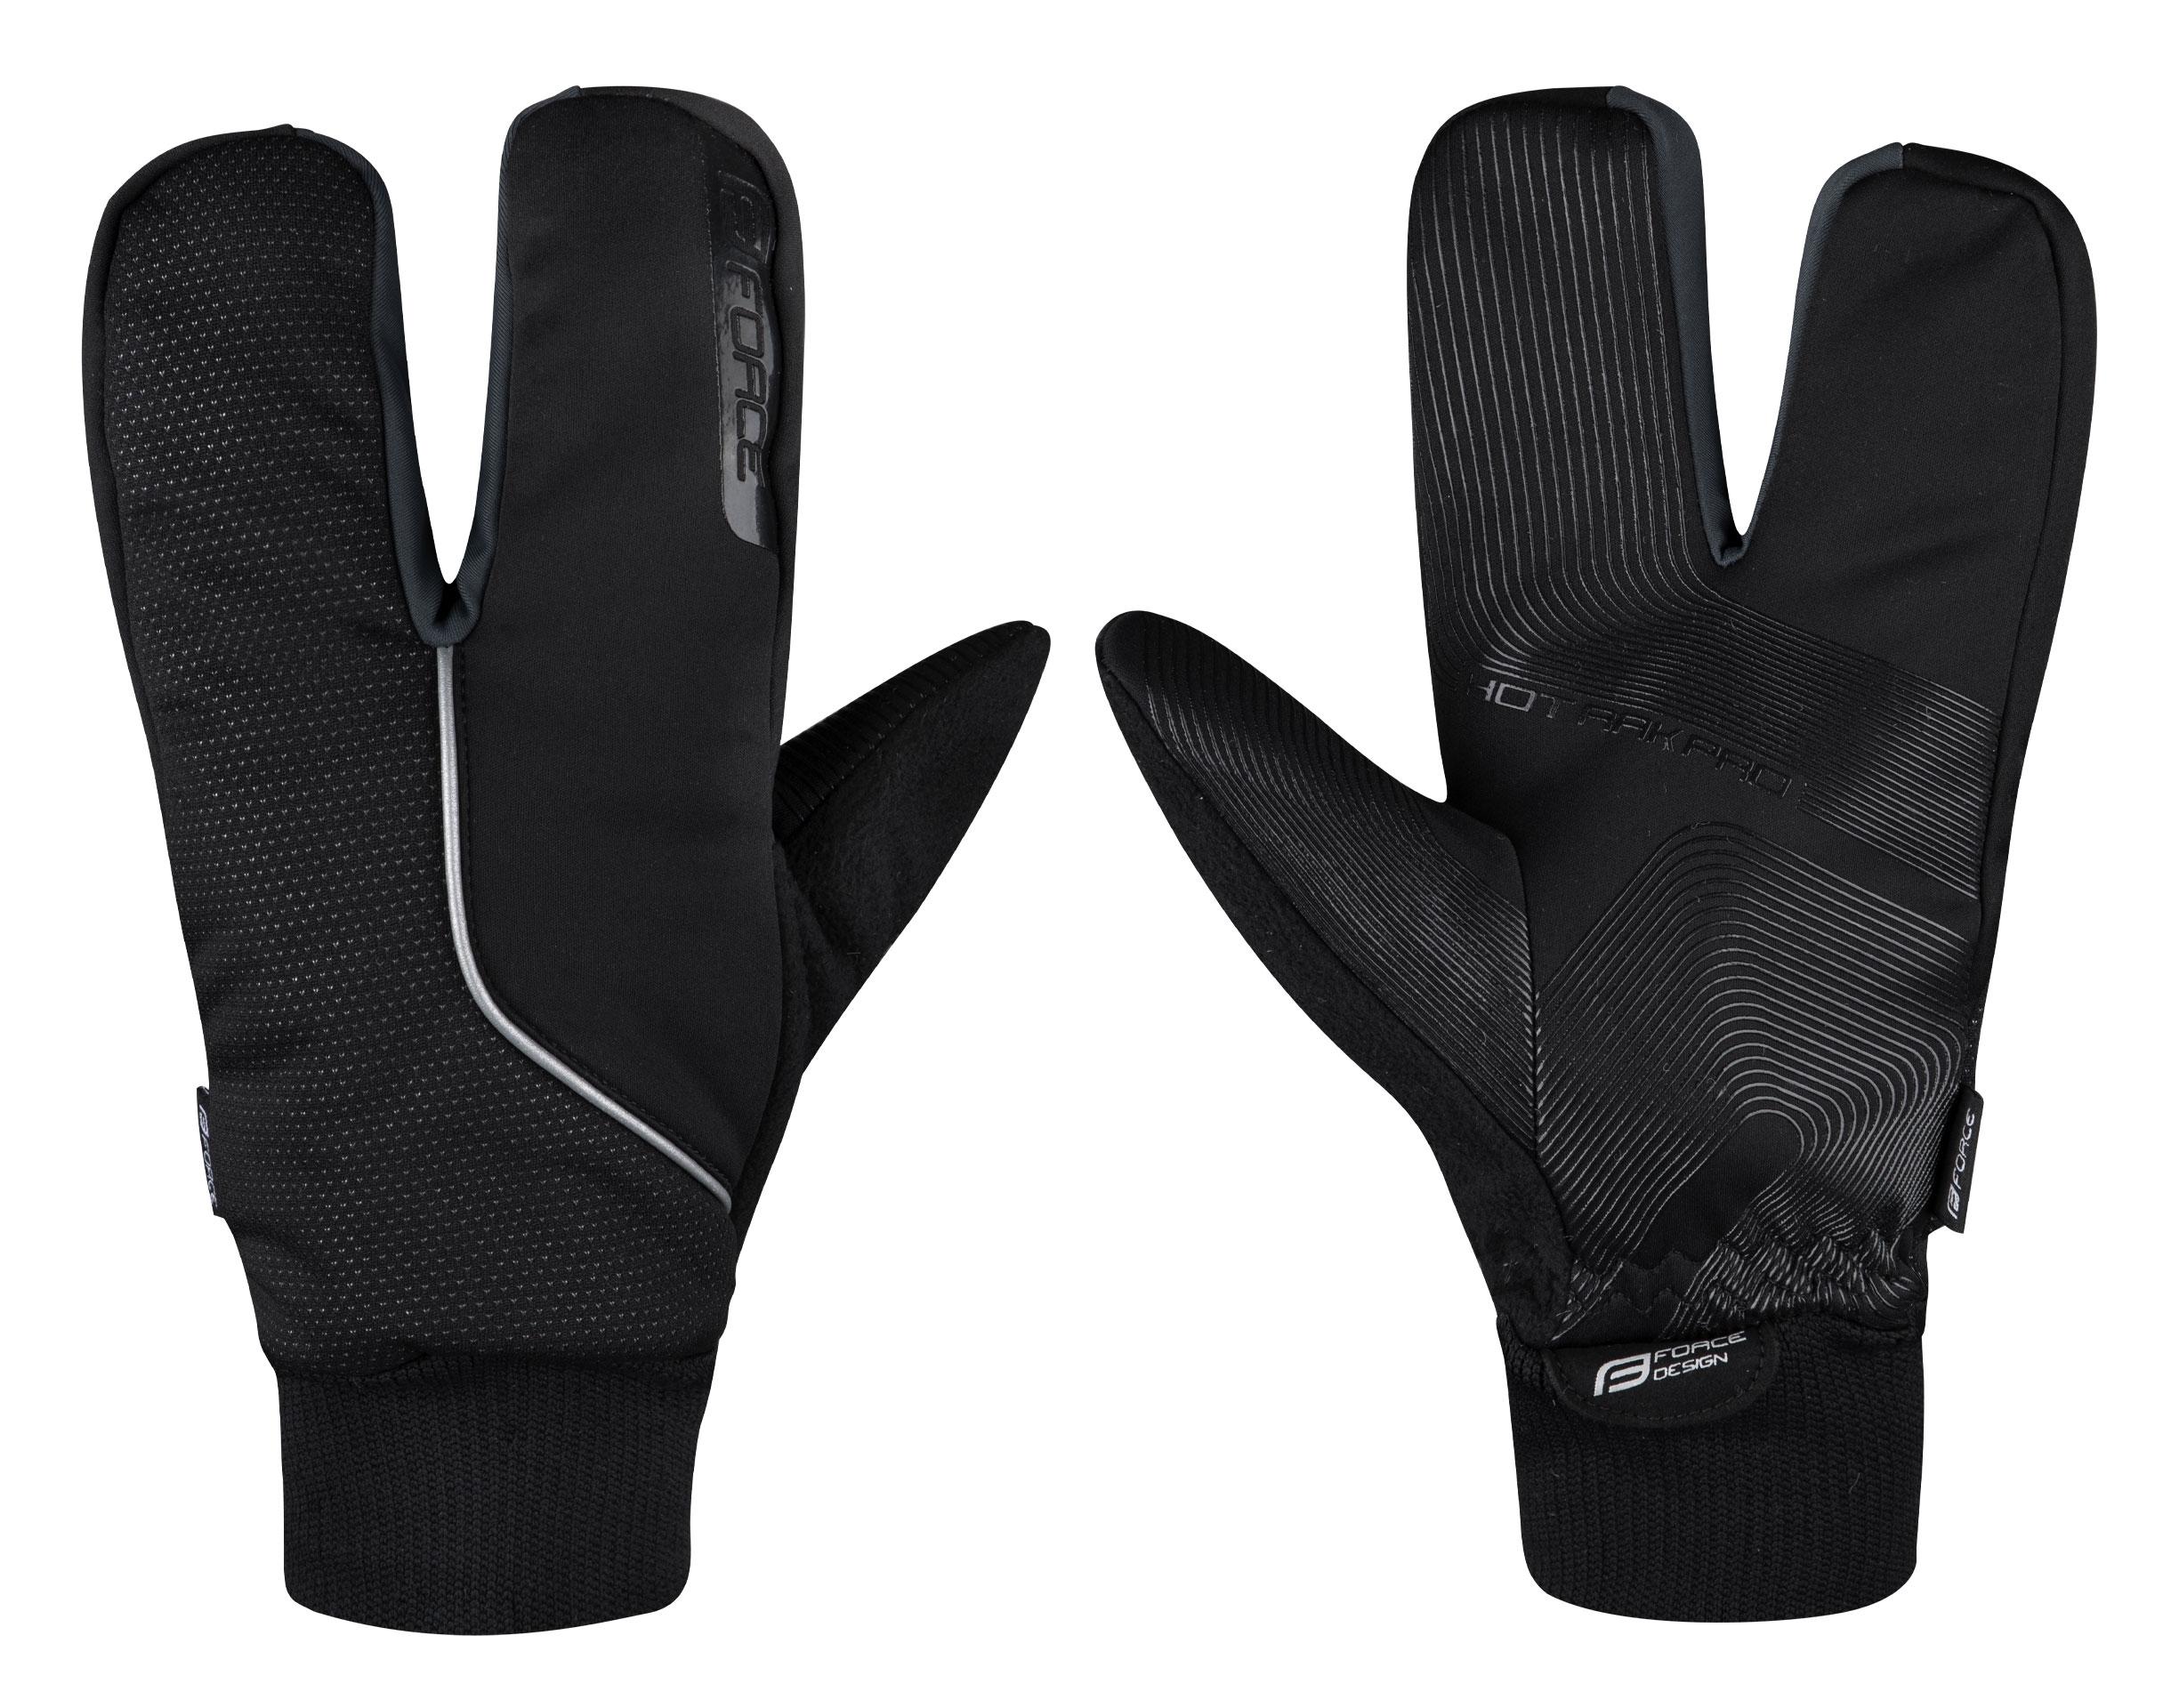 rukavice zimní F HOT RAK PRO 3 prsté, černé S